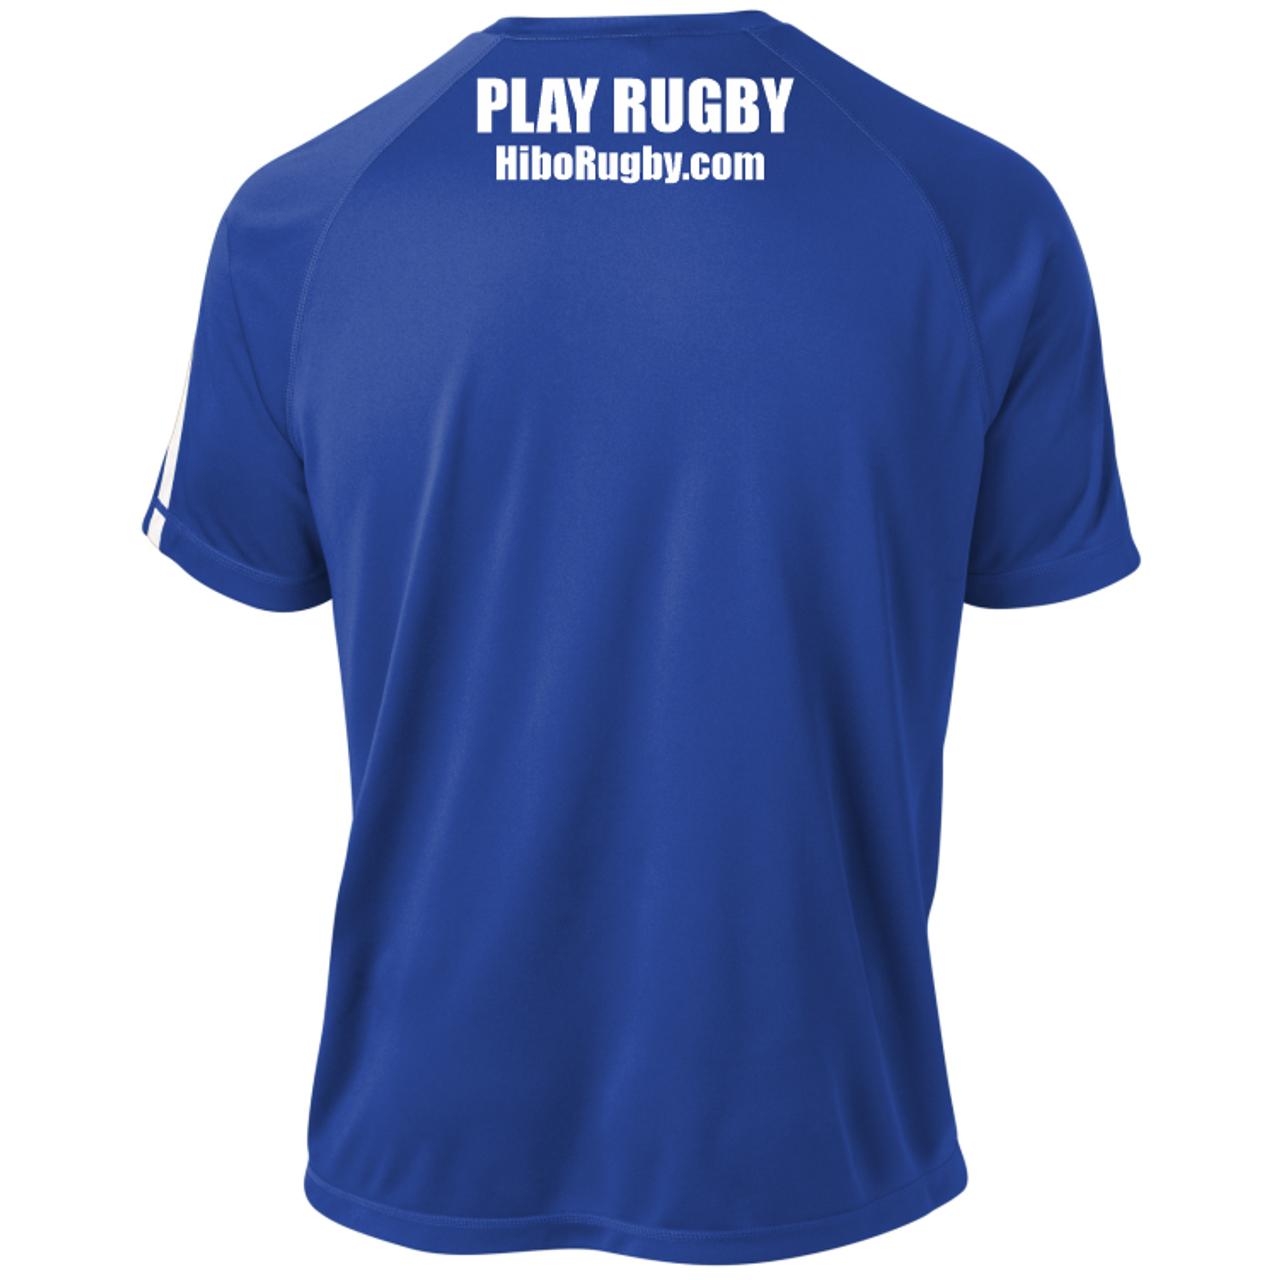 Hibernian RFC 'Play Rugby' Performance T-Shirt